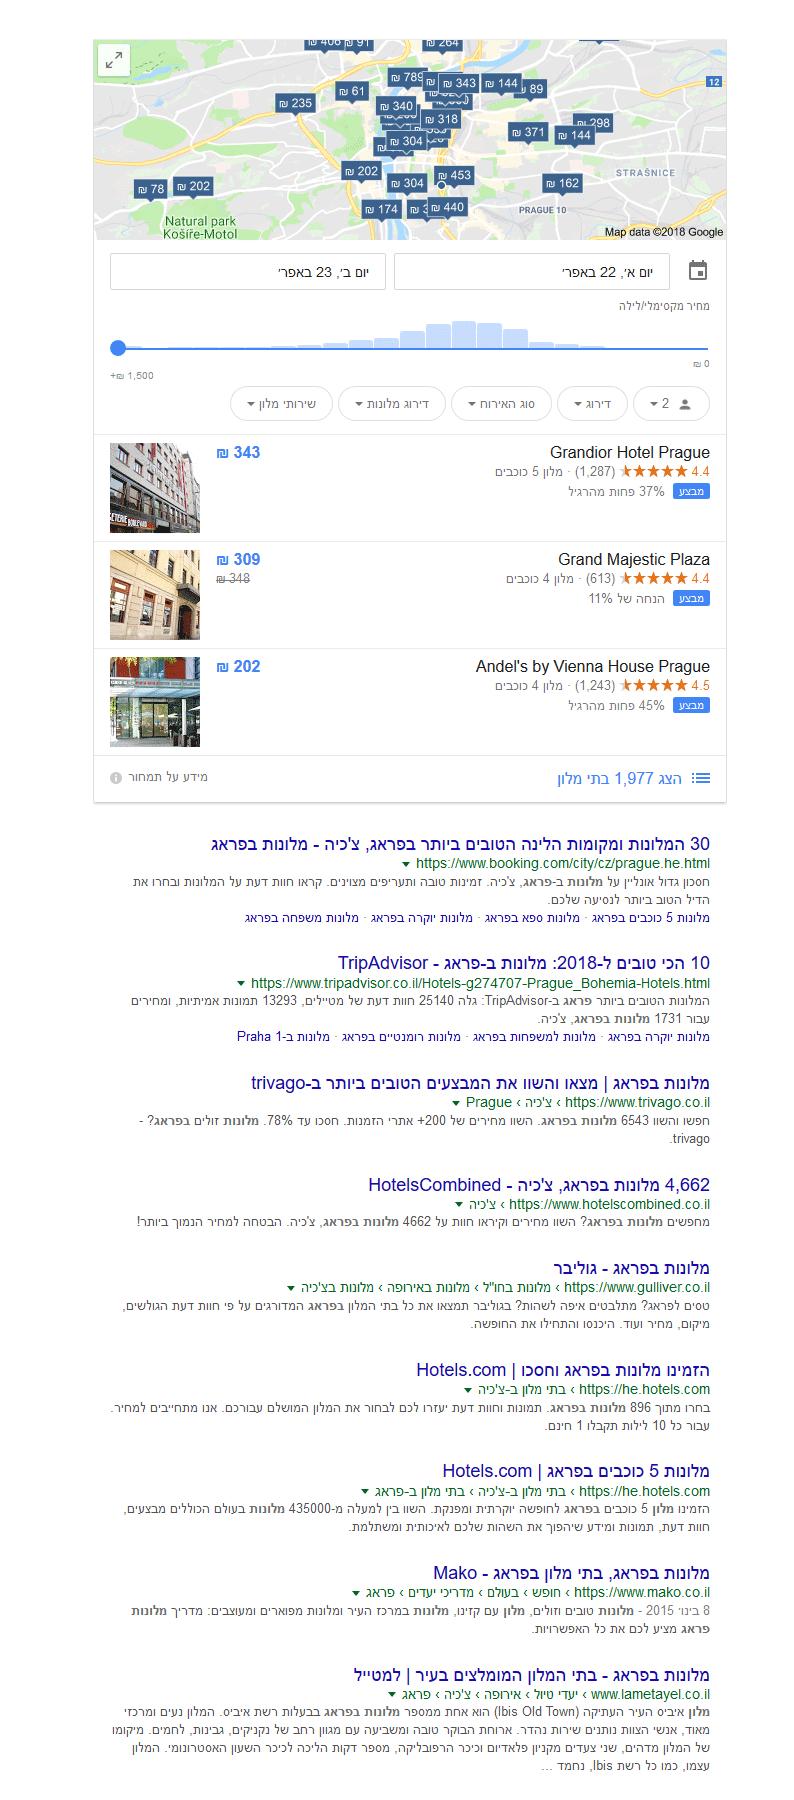 """חיפוש """"מלונות בפראג"""" בגוגל"""